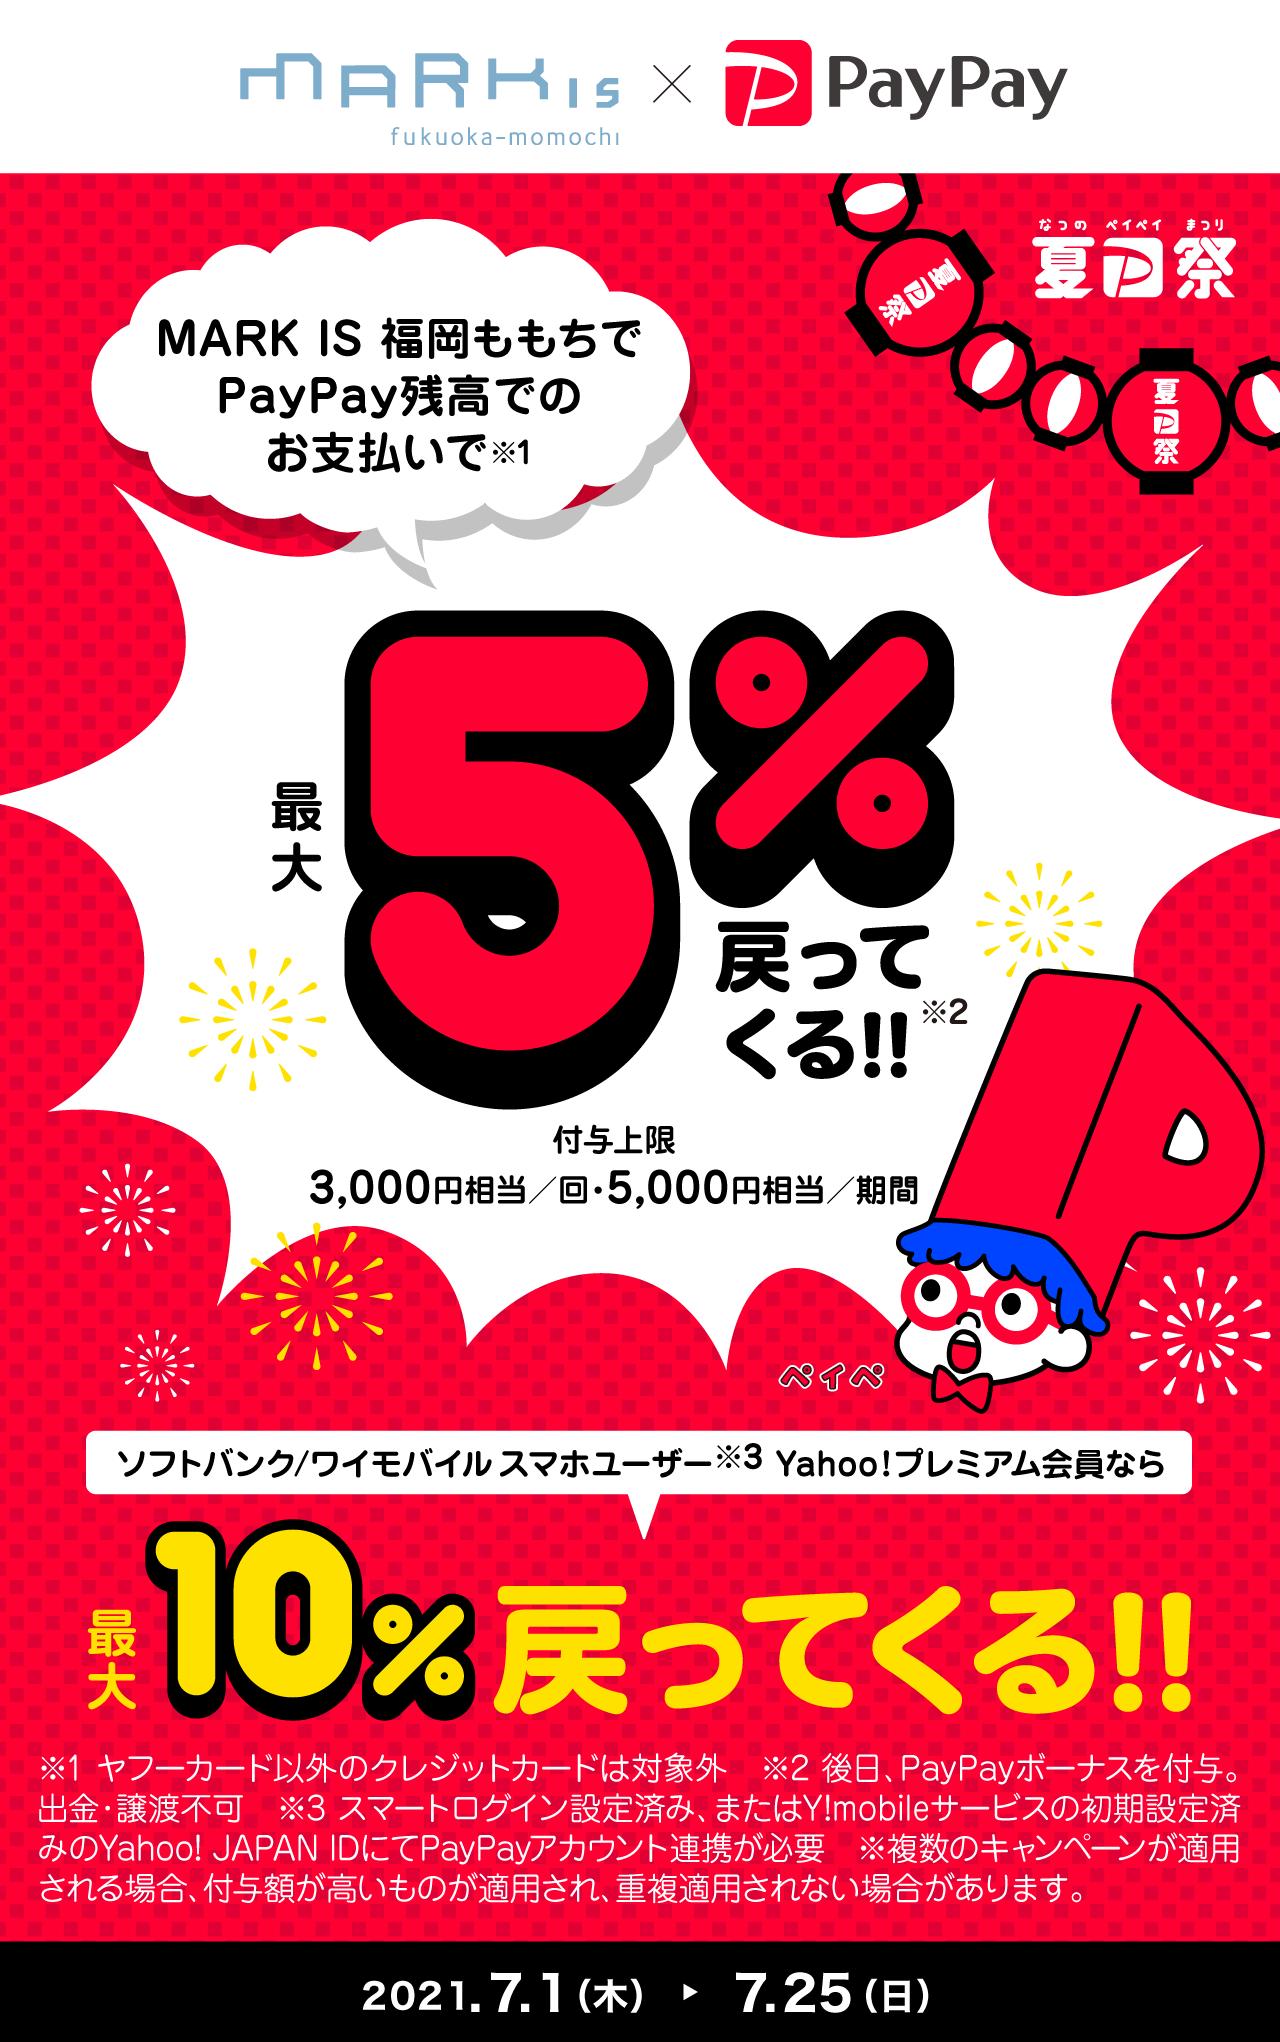 MARK IS 福岡ももちでPayPay残高でのお支払いで最大5%戻ってくる!!